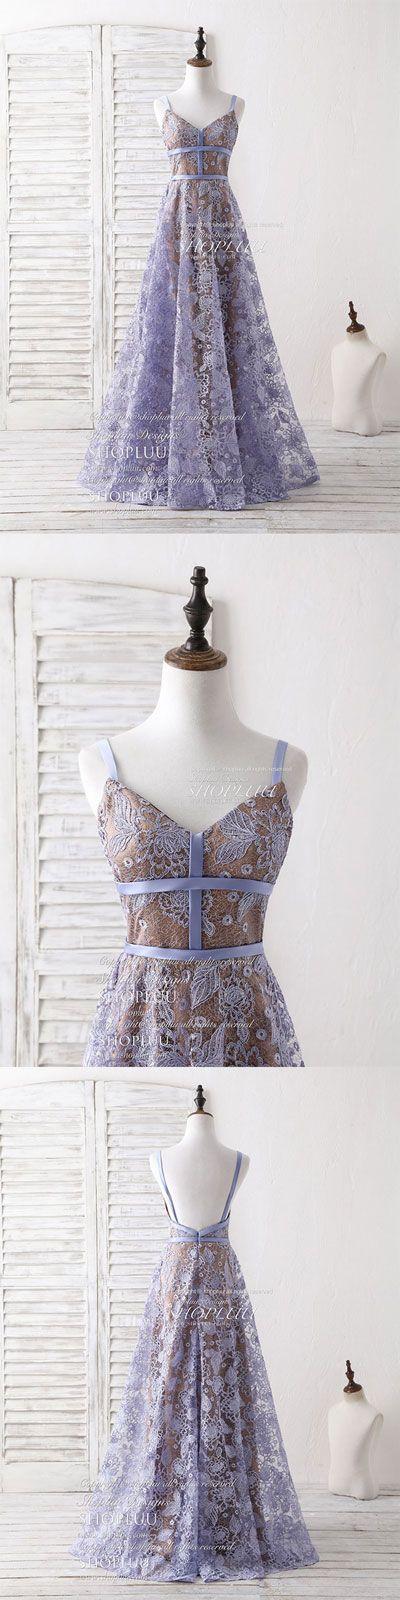 Unique v neck lace long prom dress purple lace evening dress, lace formal dress, sweet 16 dress